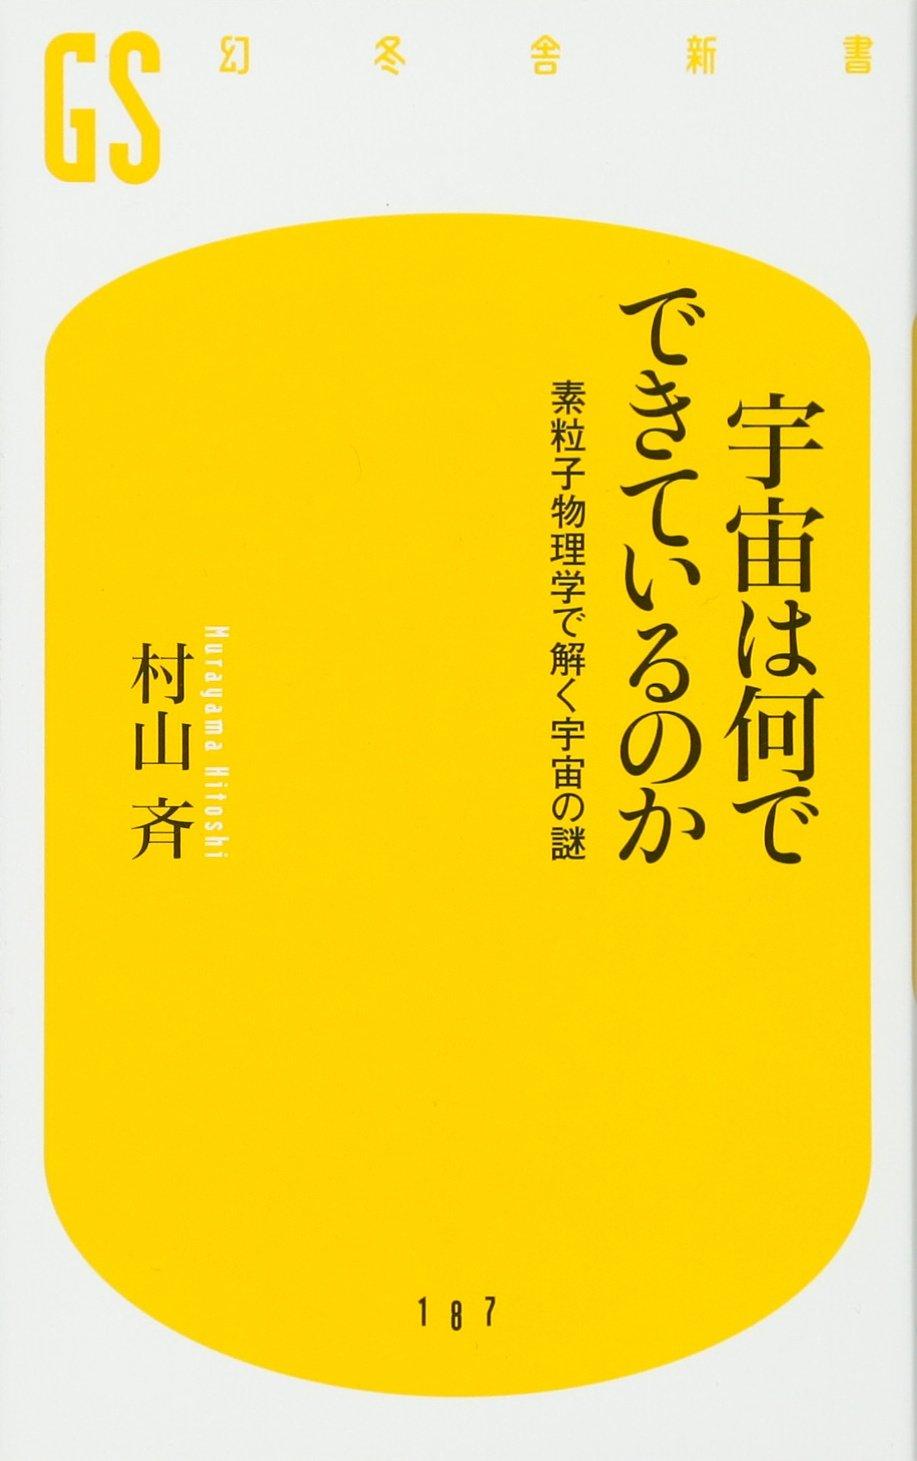 宇宙は何でできているのか (幻冬舎新書)   村山 斉  本   通販   Amazon